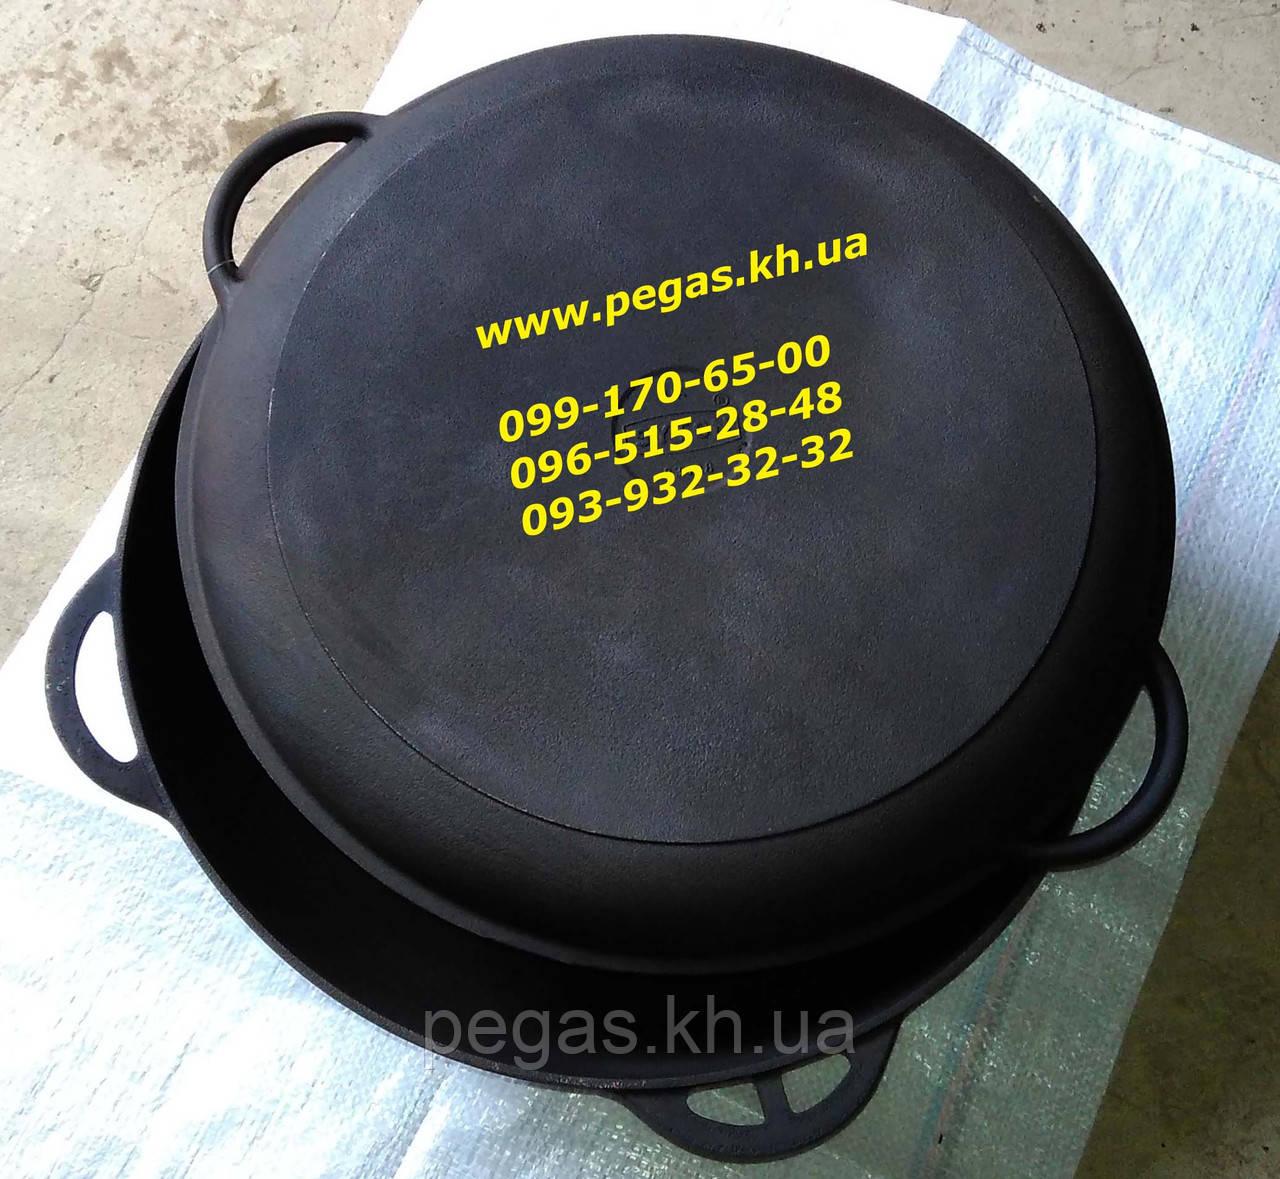 Казан азіатський чавунний з чавунною кришкою сковородою 10 літрів, печі, барбекю, мангал